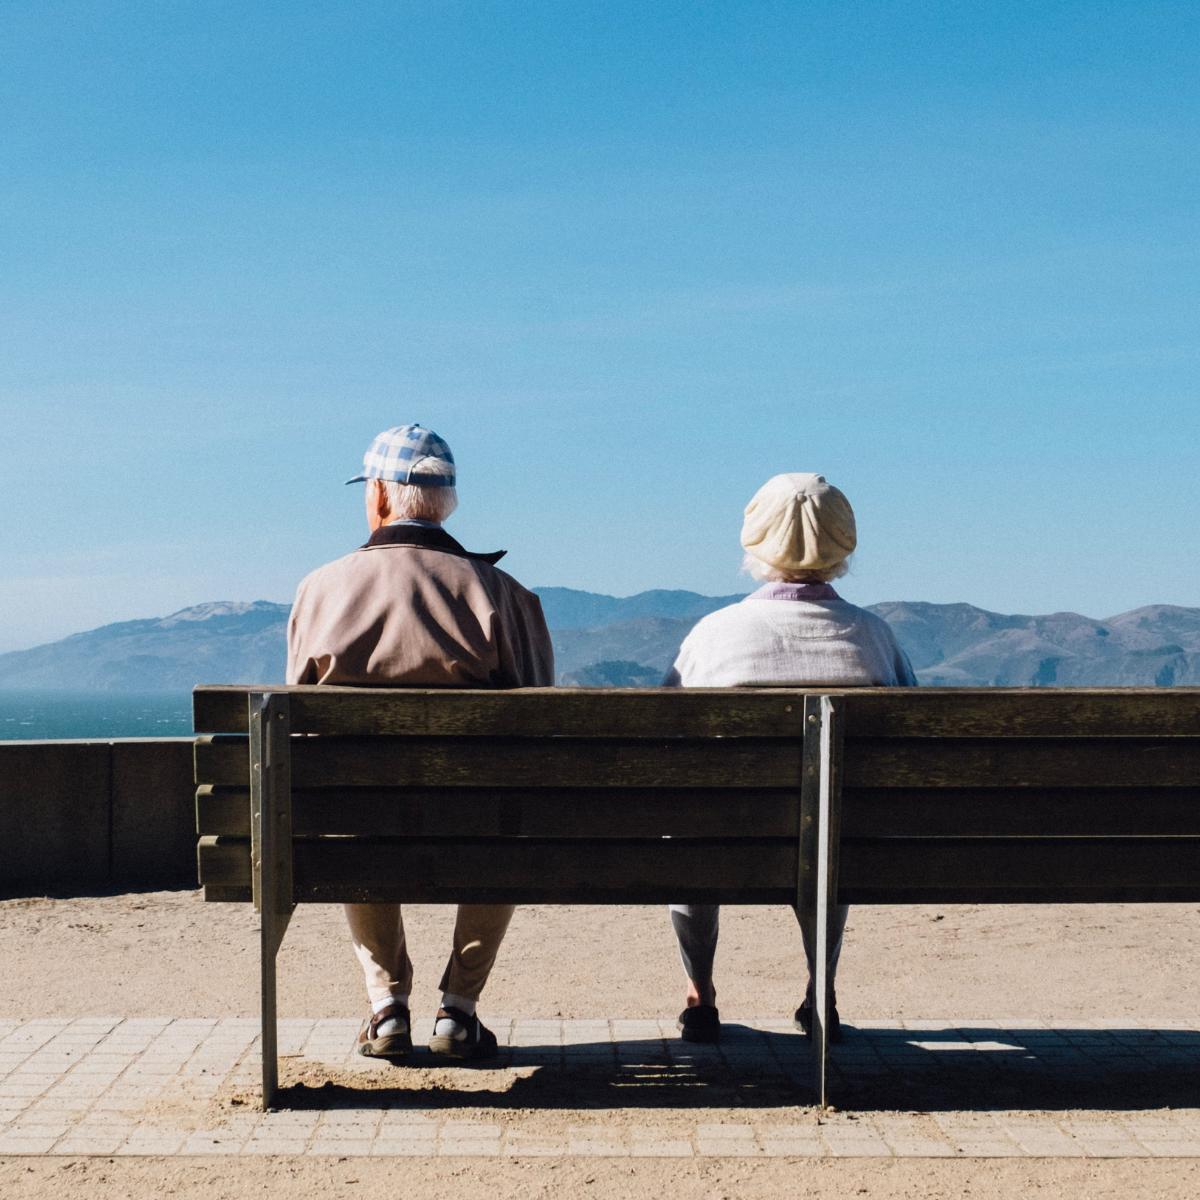 placements retraite, réforme retraites, préparer sa retraite, per, crowdfunding, retraite, placements, investir,